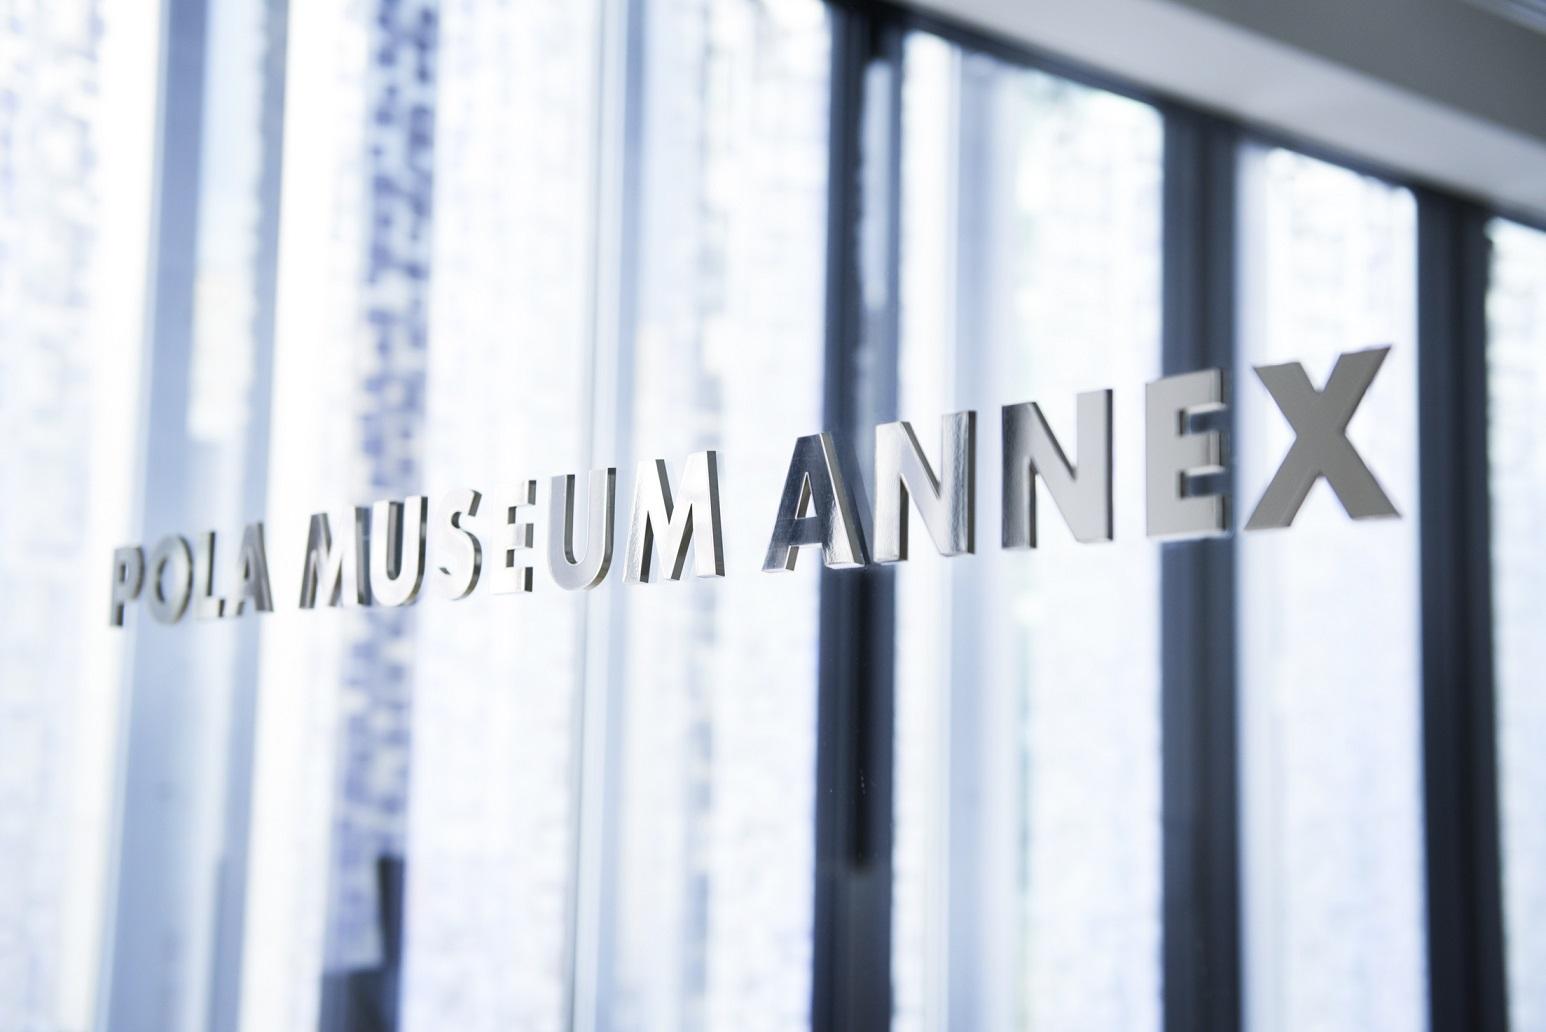 Pola Museum Annex, Tokyo (article by amuzen)